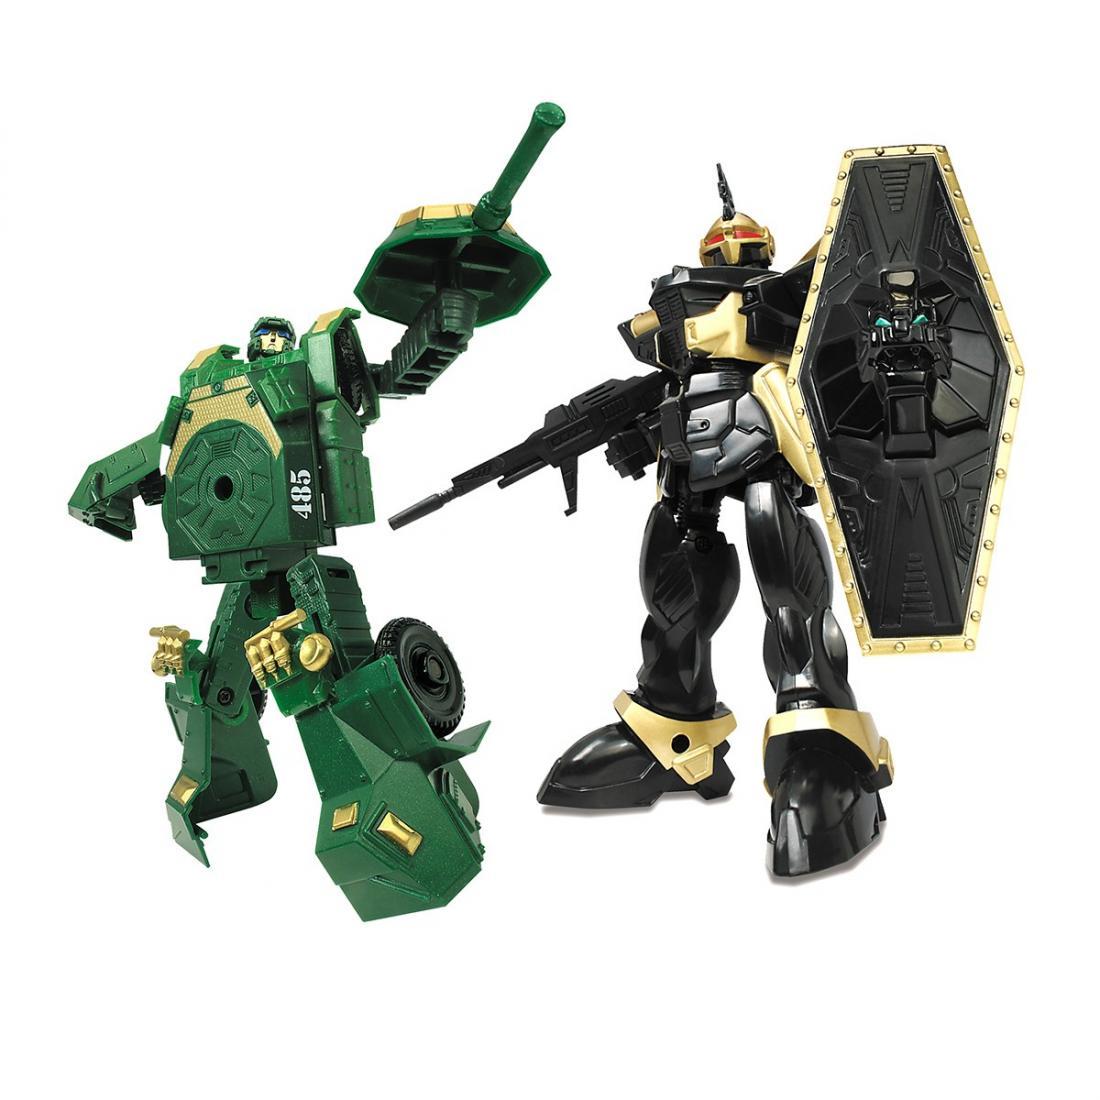 Игровой Набор - Робот-Трансформер, Танк, Воин (82010R)